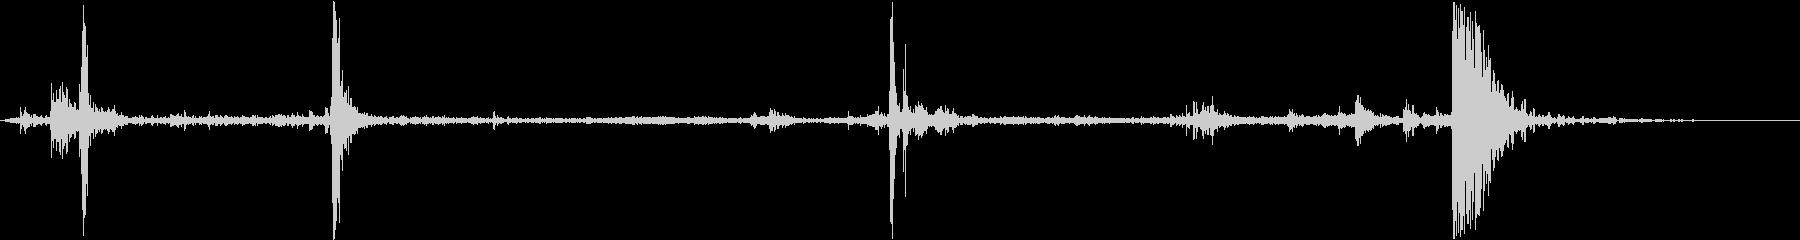 レンジローバーSUV:EXTからI...の未再生の波形